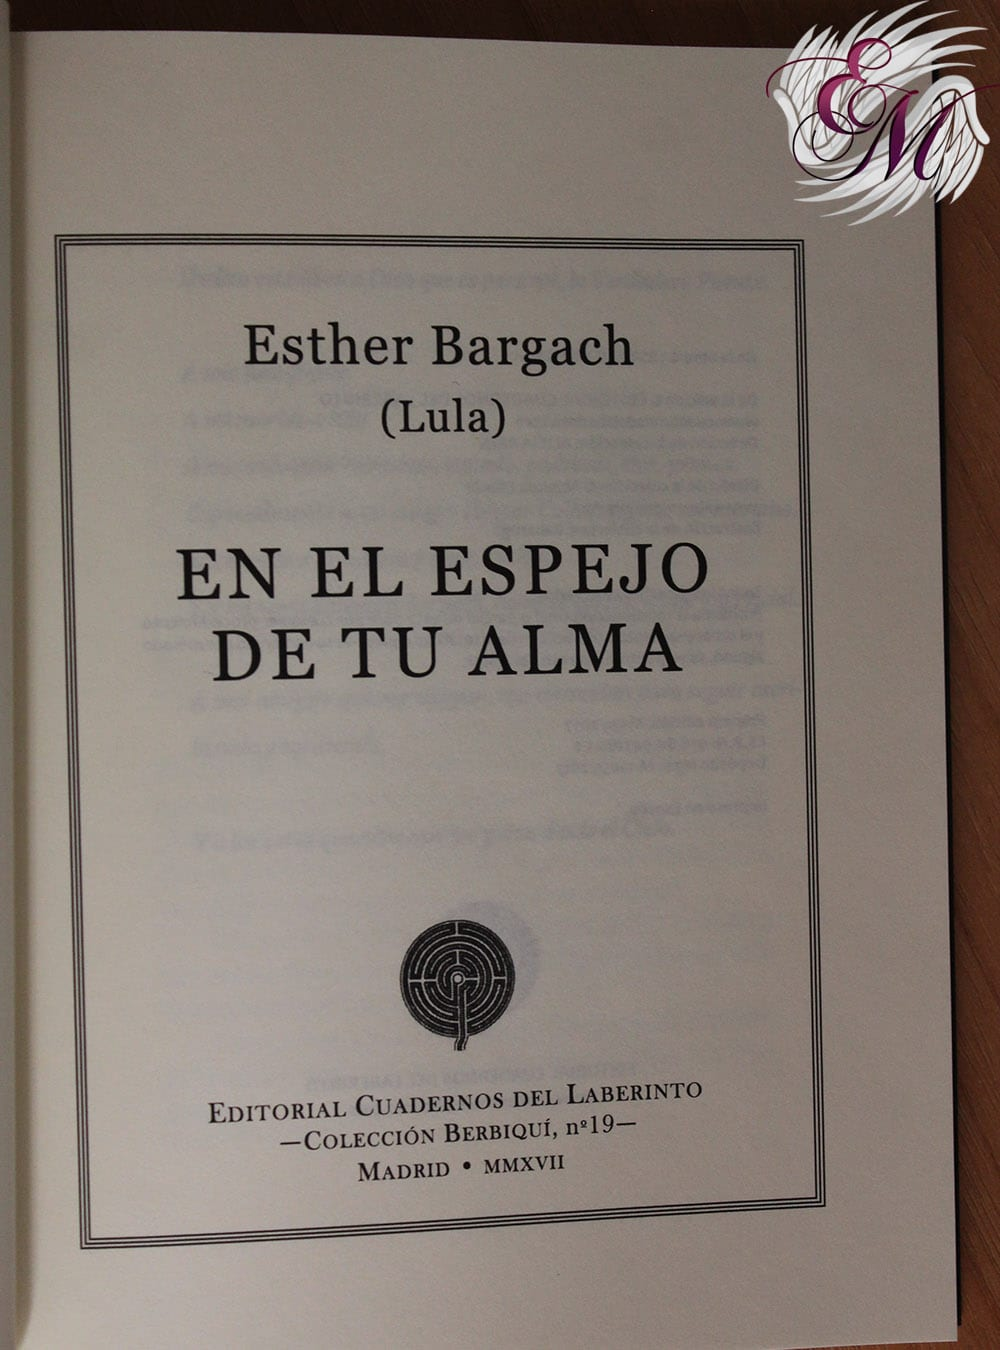 En el espejo de tu alma, de Esther Bargach - Reseña